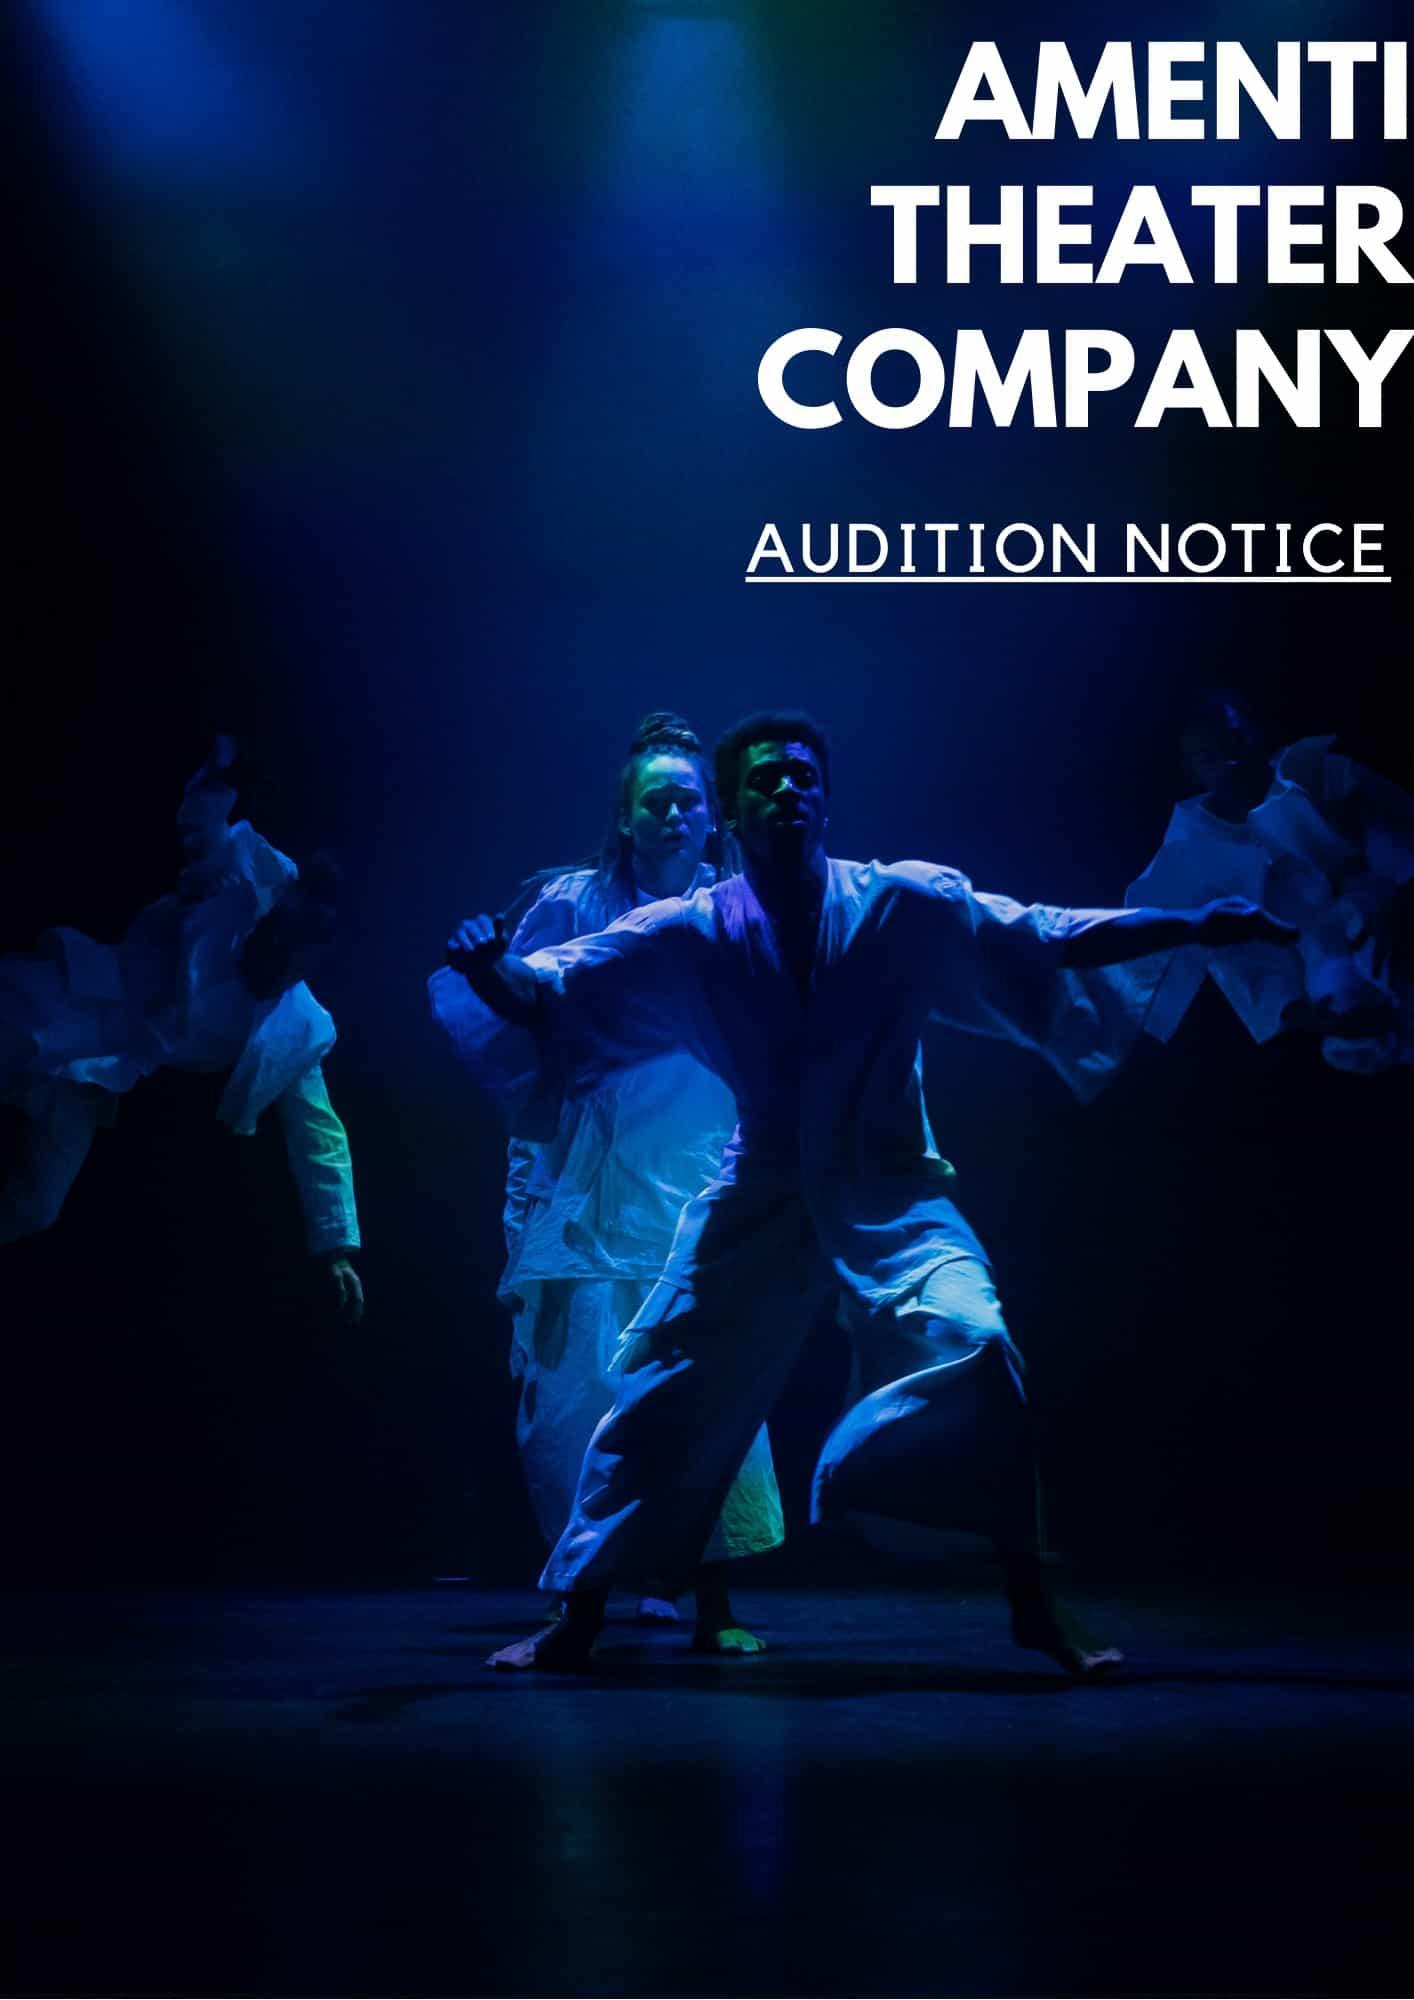 Audition Amenti Theatre Company